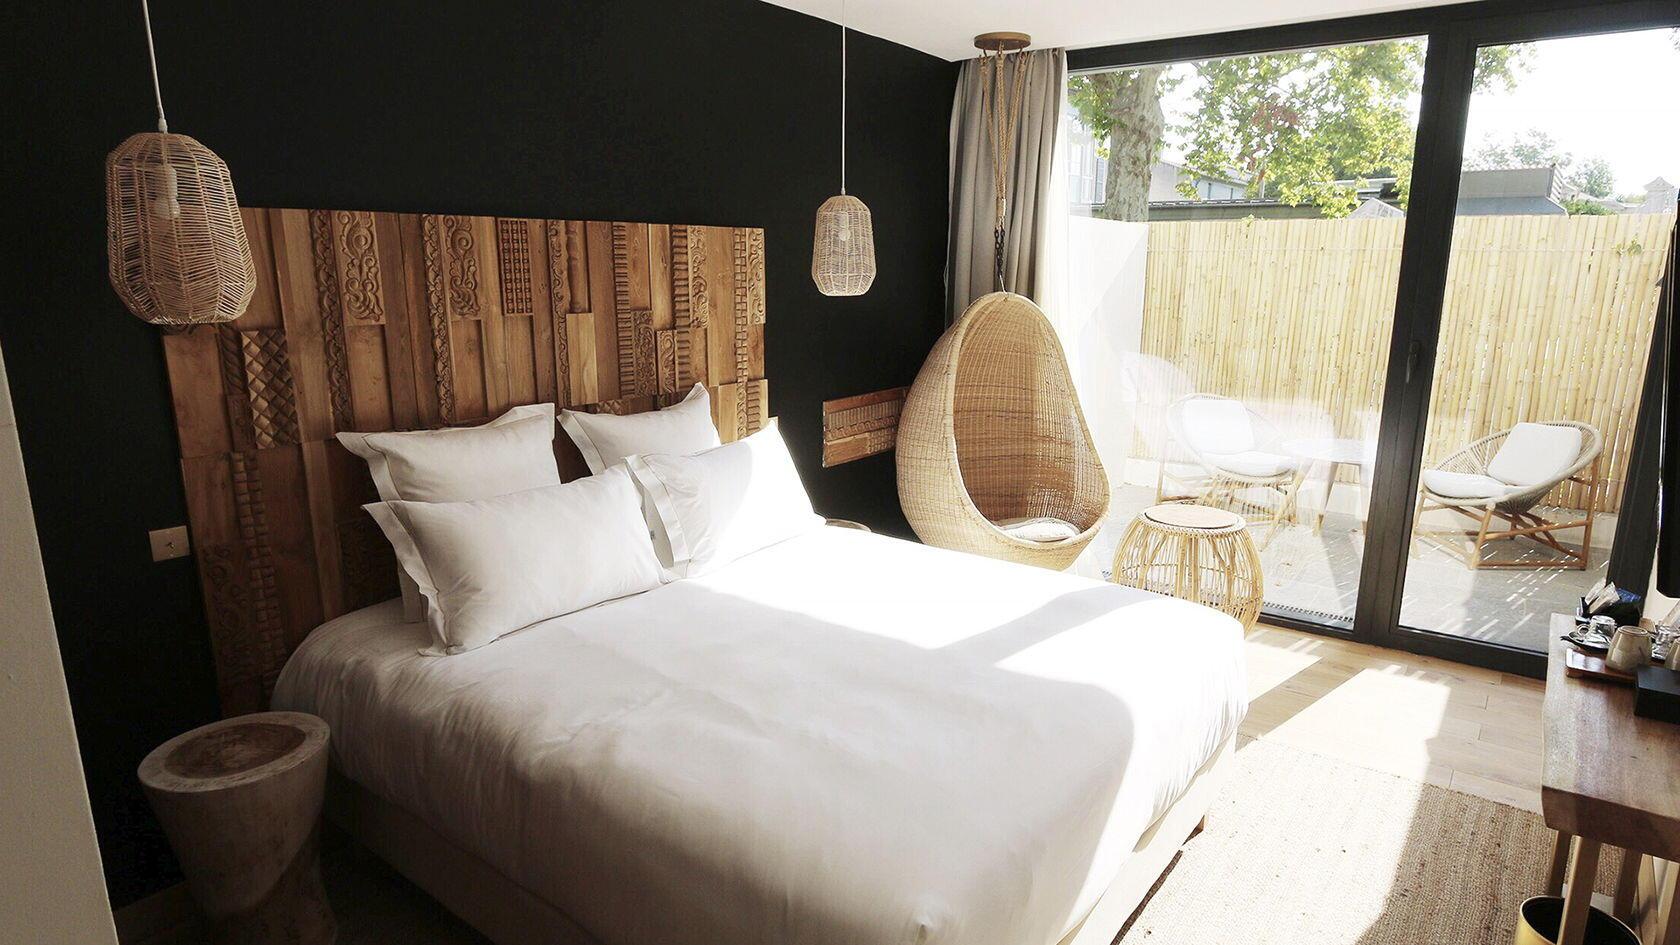 Hotel Le Saint-Remy Luxury Chambre Supérieure BOHEMIAN